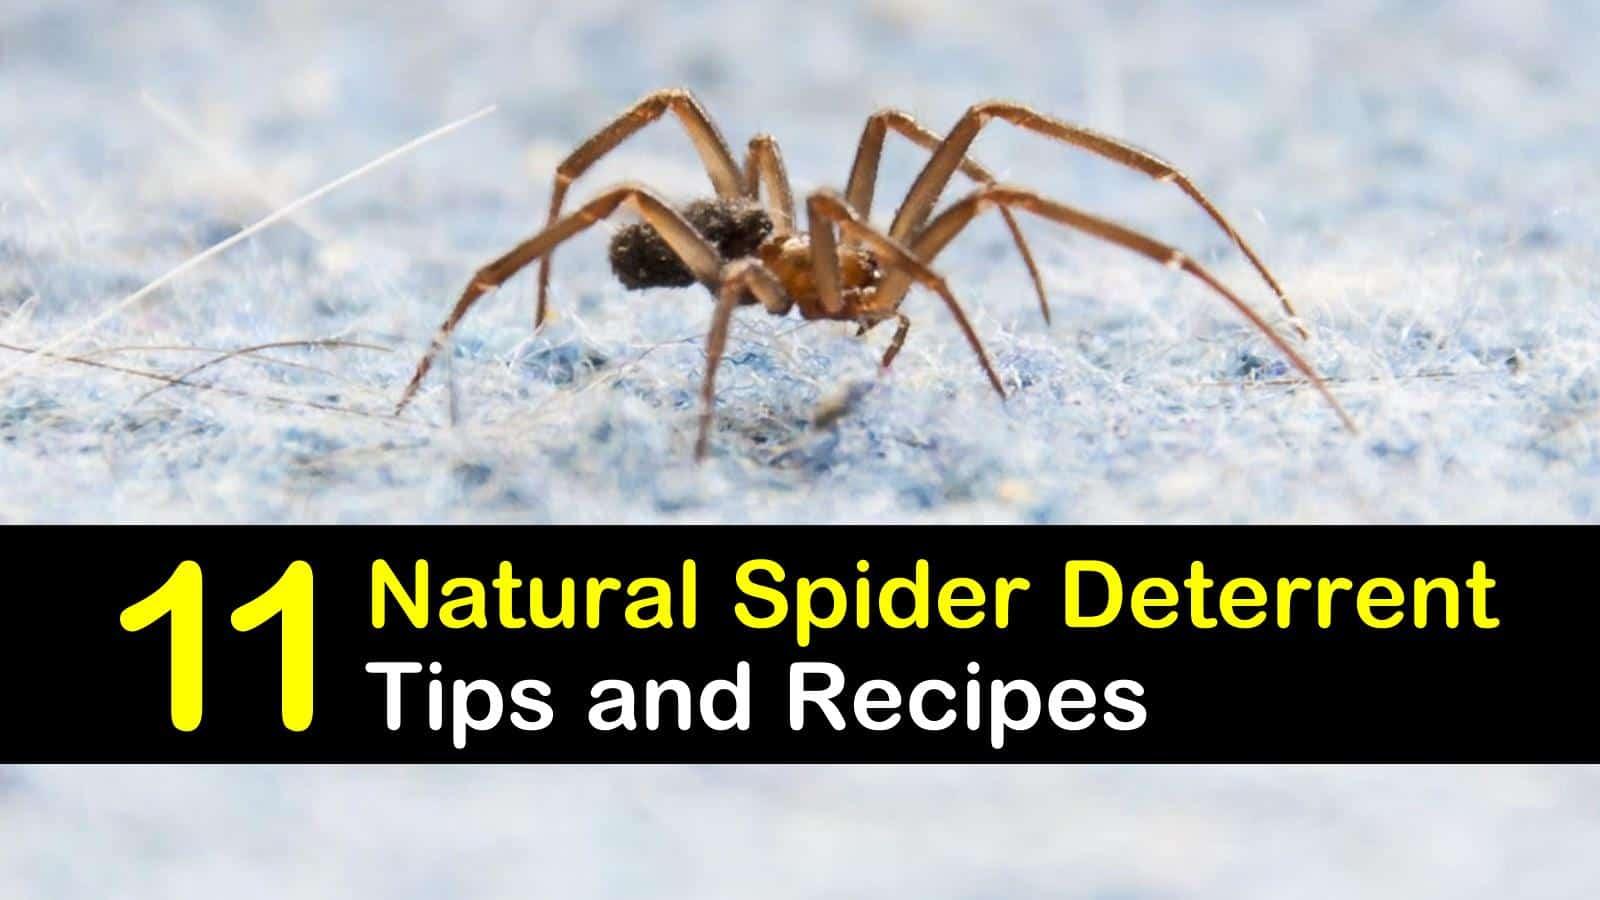 spider deterrent titleimg1